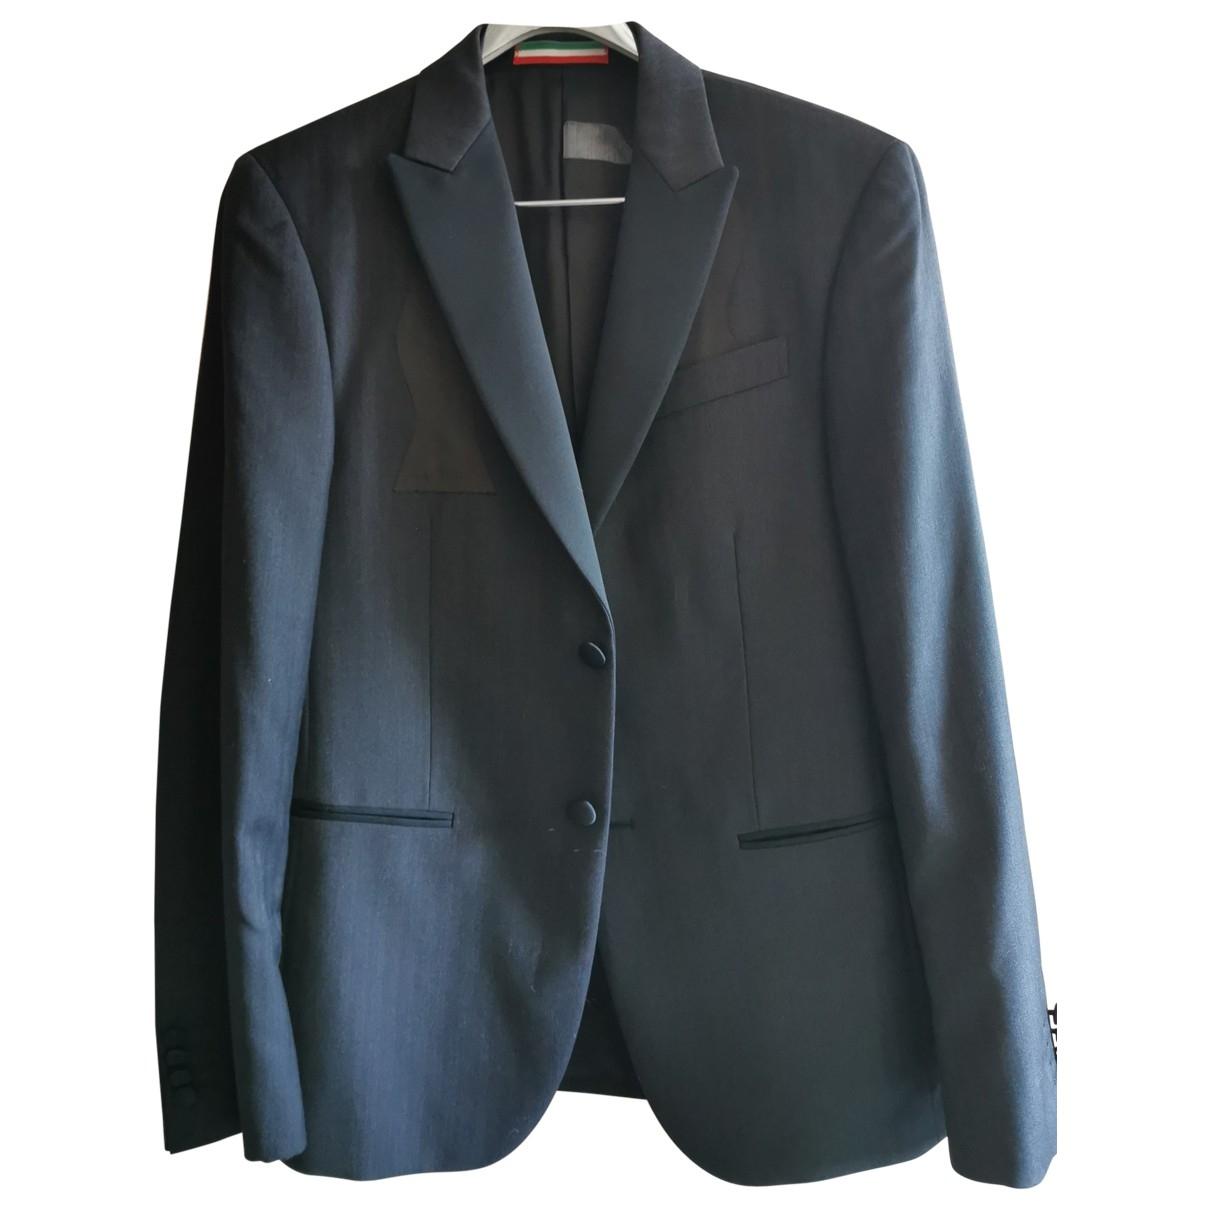 Moschino - Vestes.Blousons   pour homme en laine - noir